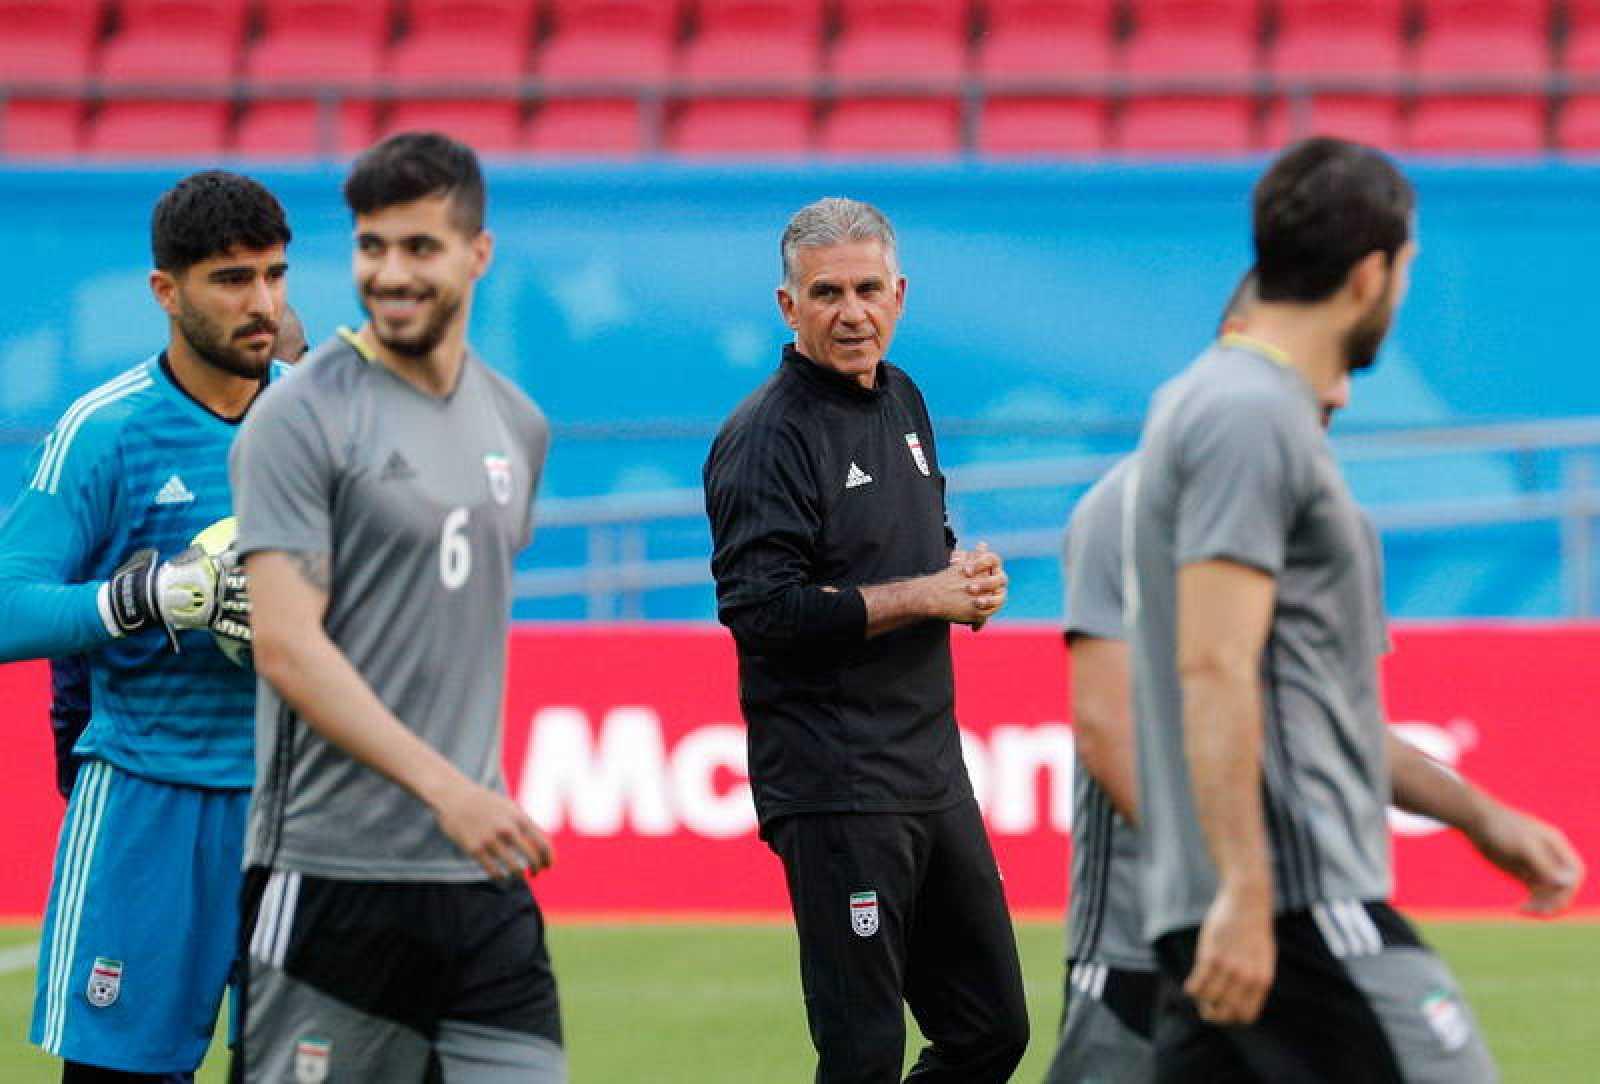 Queiroz dirigiendo el último entrenamiento antes de efrentarse a España.